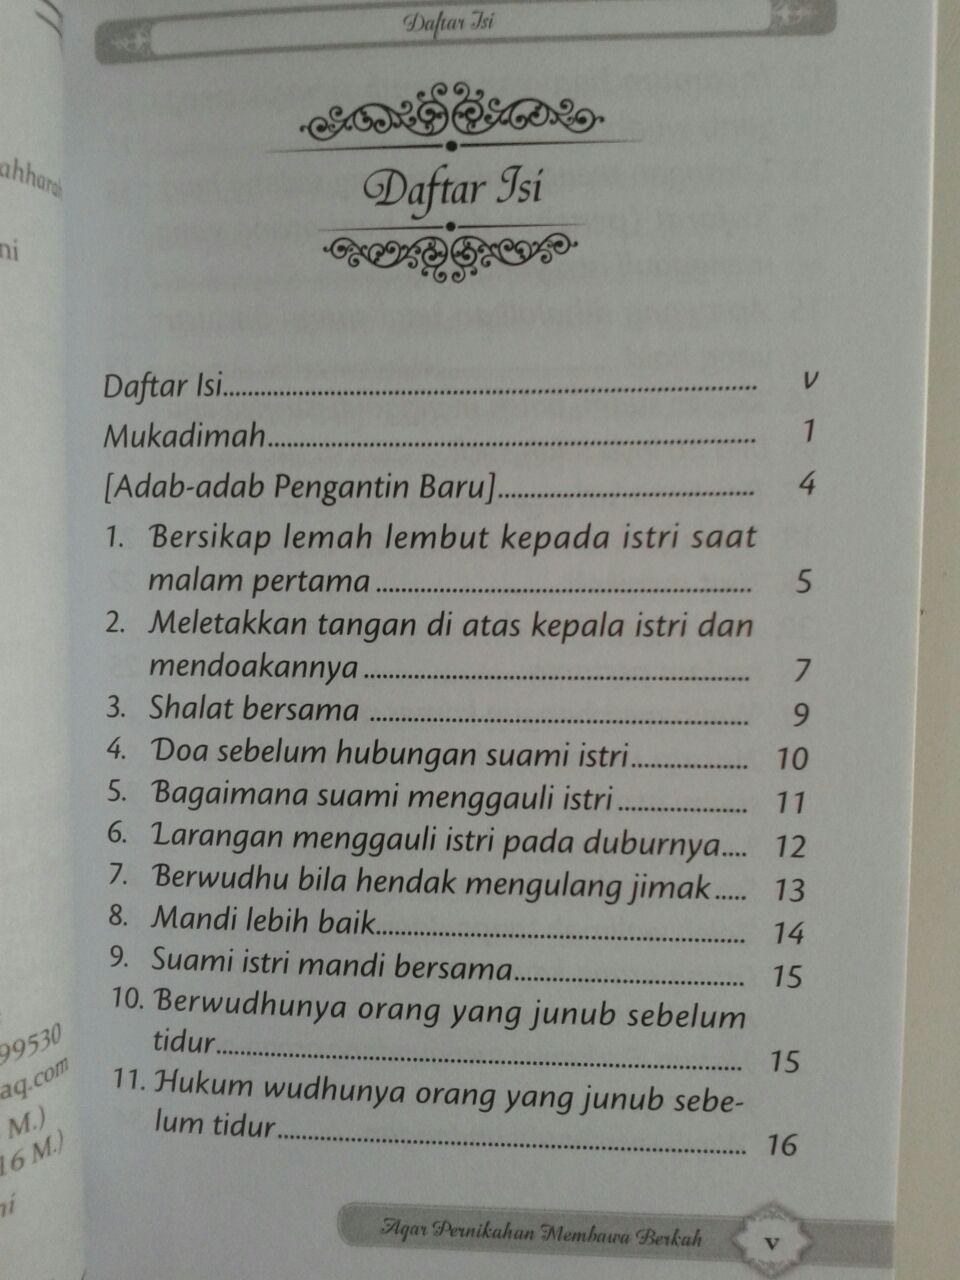 Buku Saku Agar Pernikahan Membawa Berkah 7,000 15% 5,950 isi